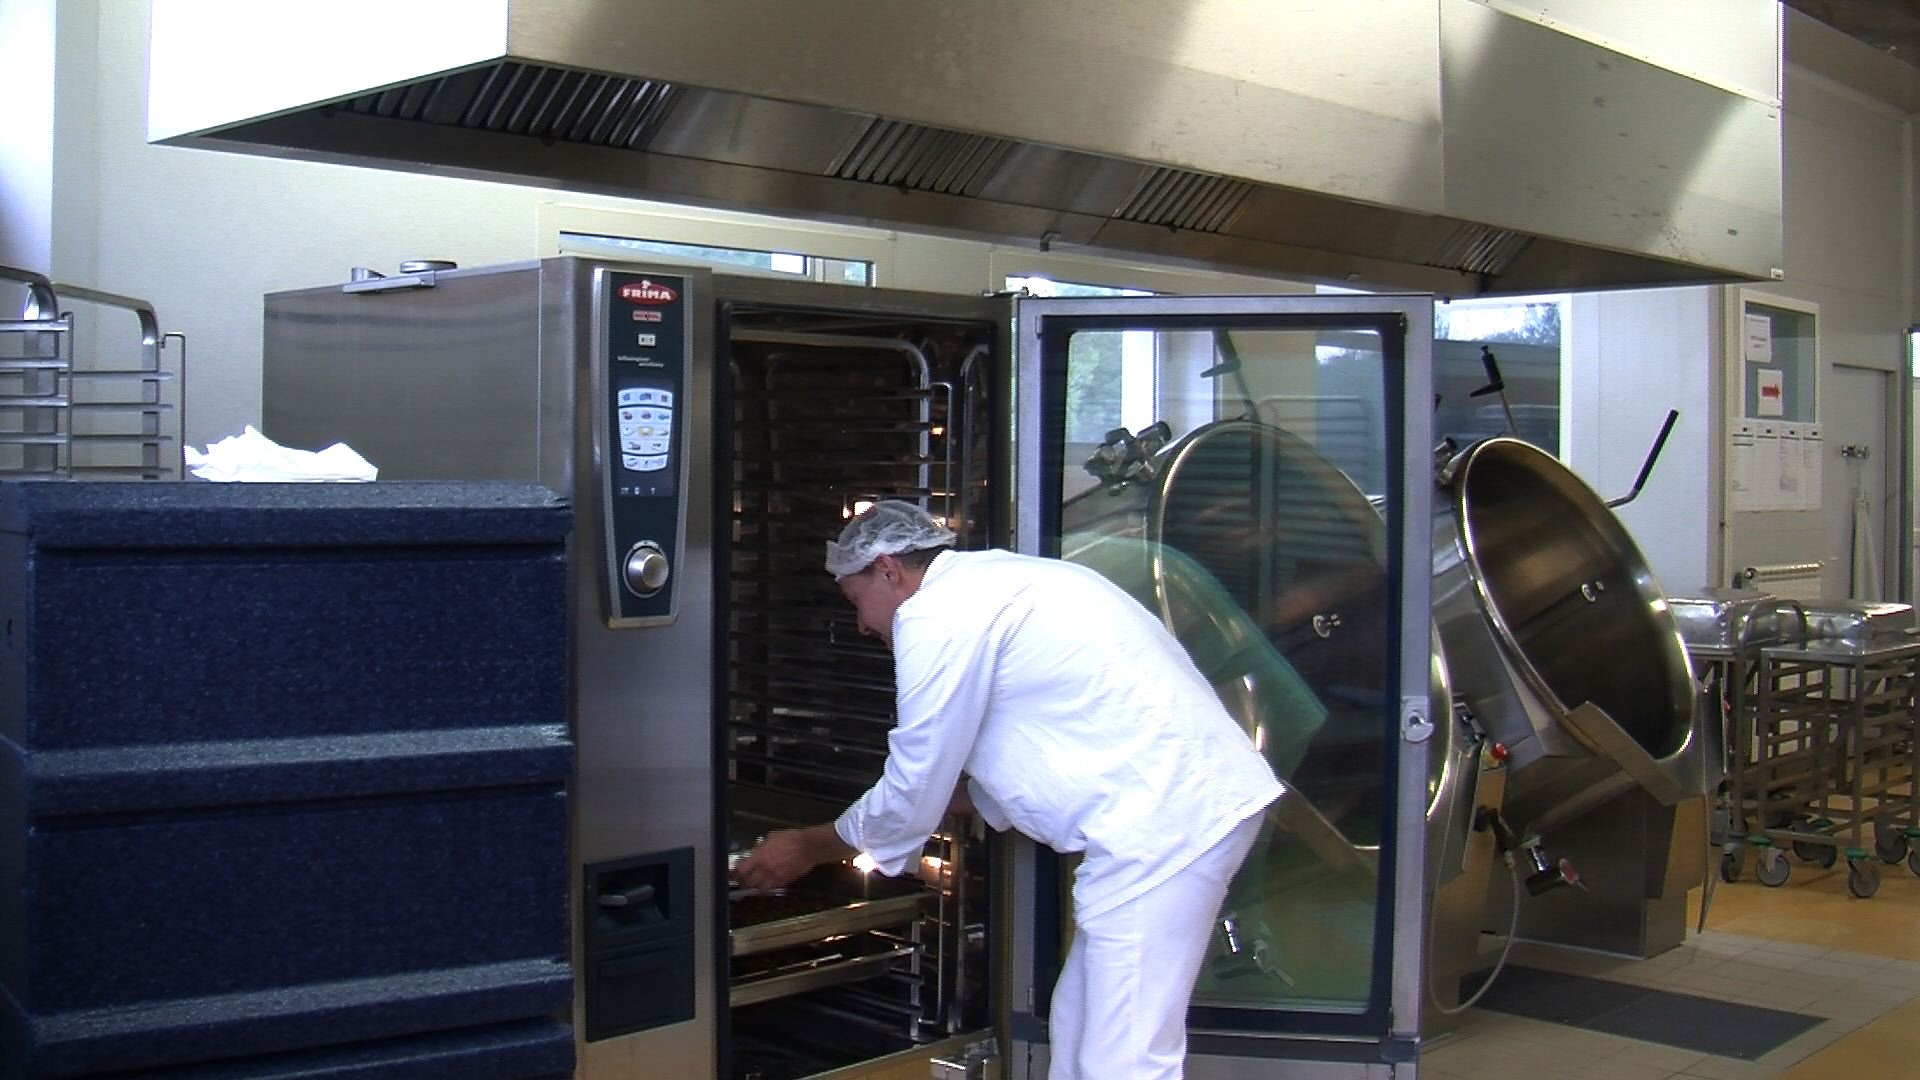 Vie des communes martigues la cuisine for Cuisine centrale